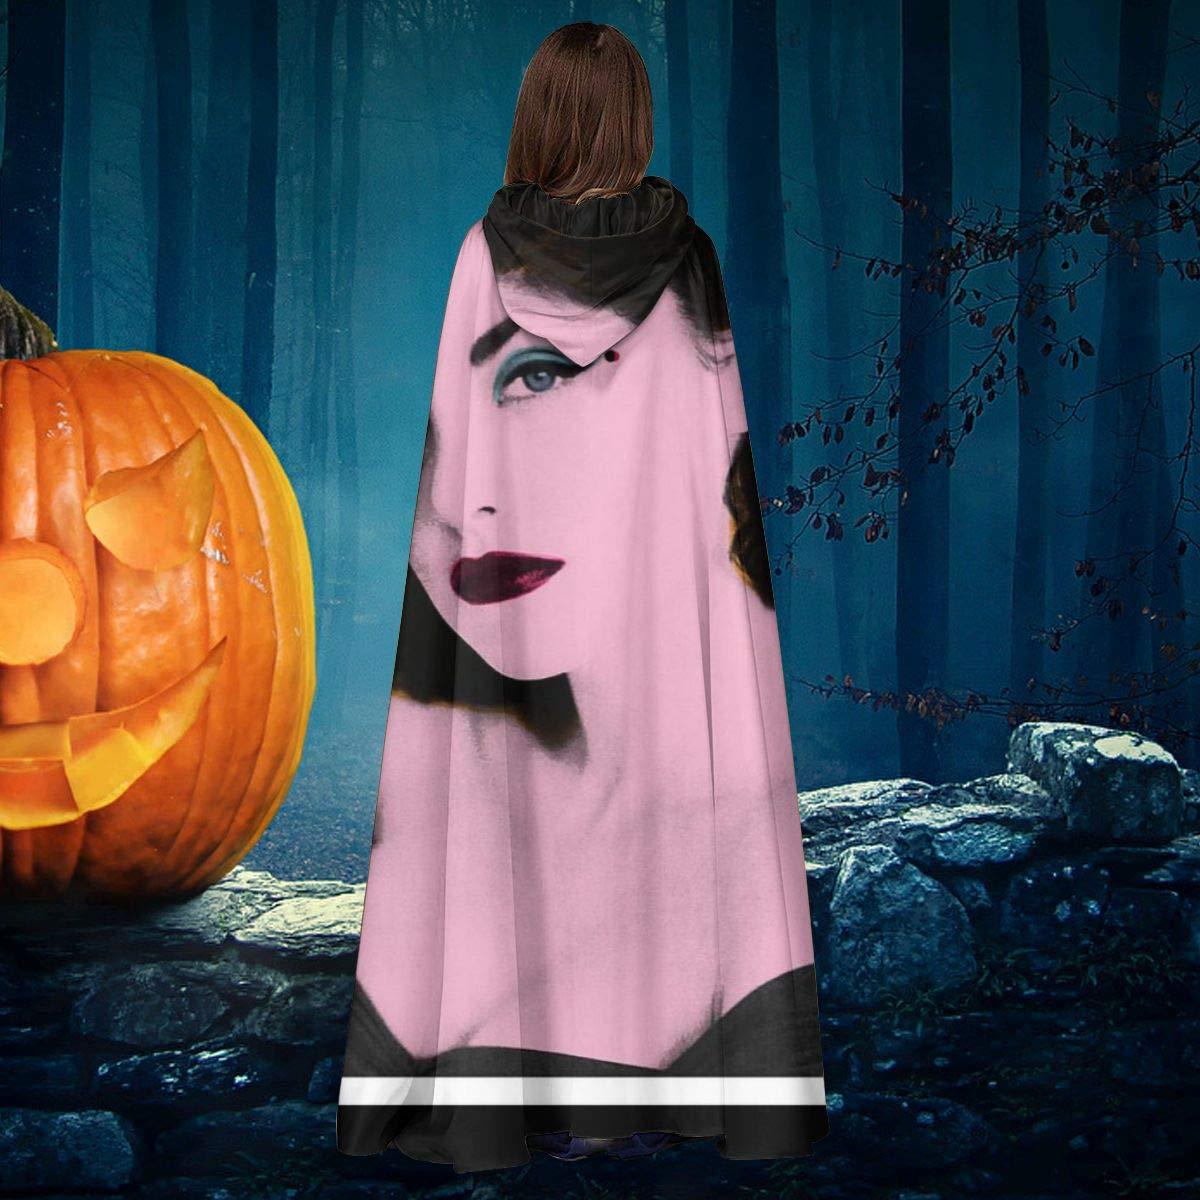 AISFGBJ - Disfraz de Audrey Horne Pop Art para Halloween, Bruja ...